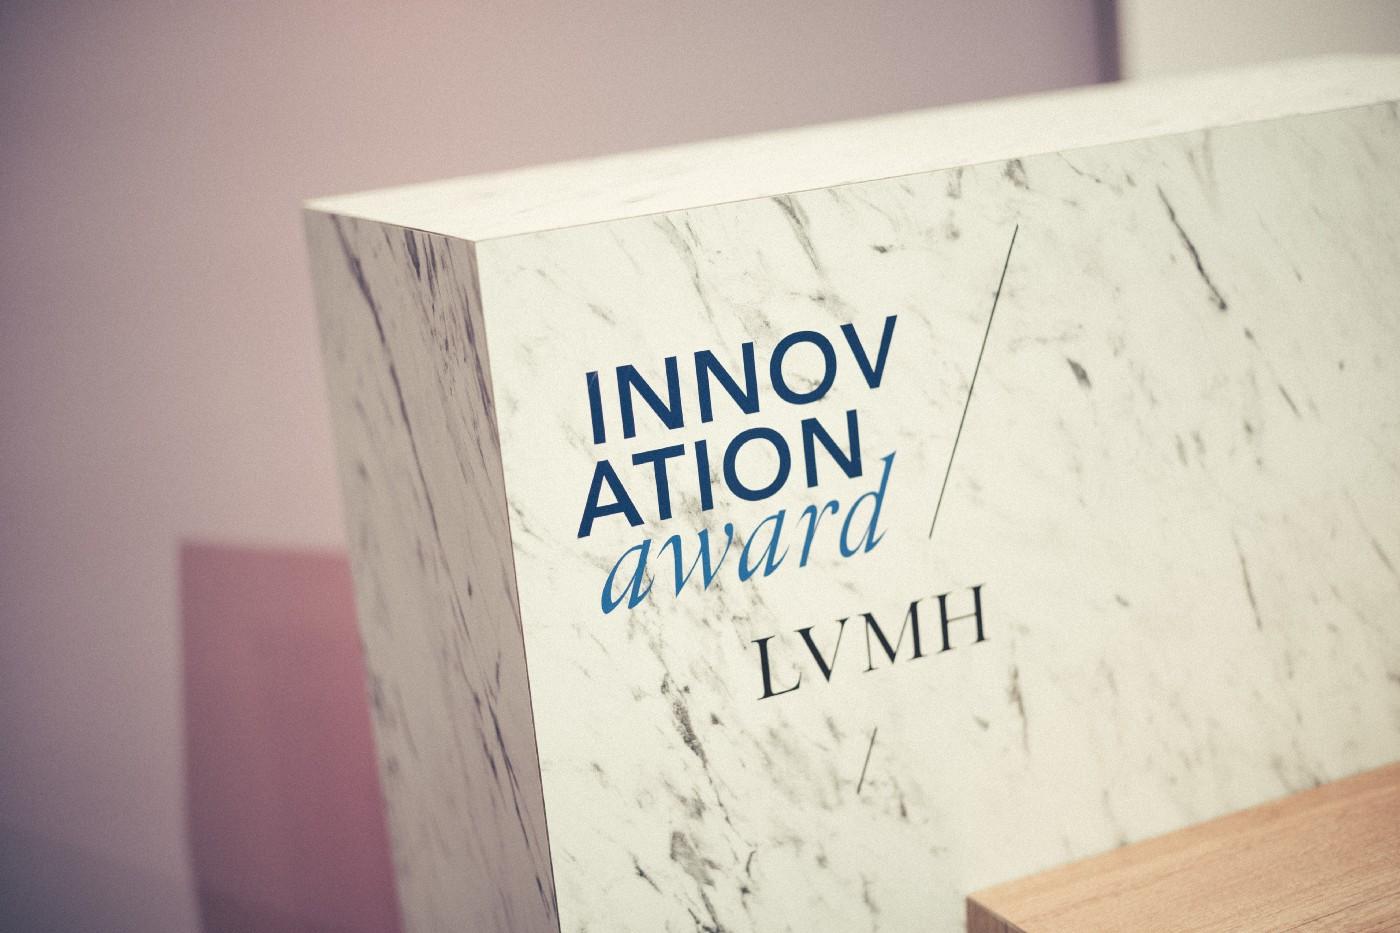 Skello finaliste du LVMH Innovation Award